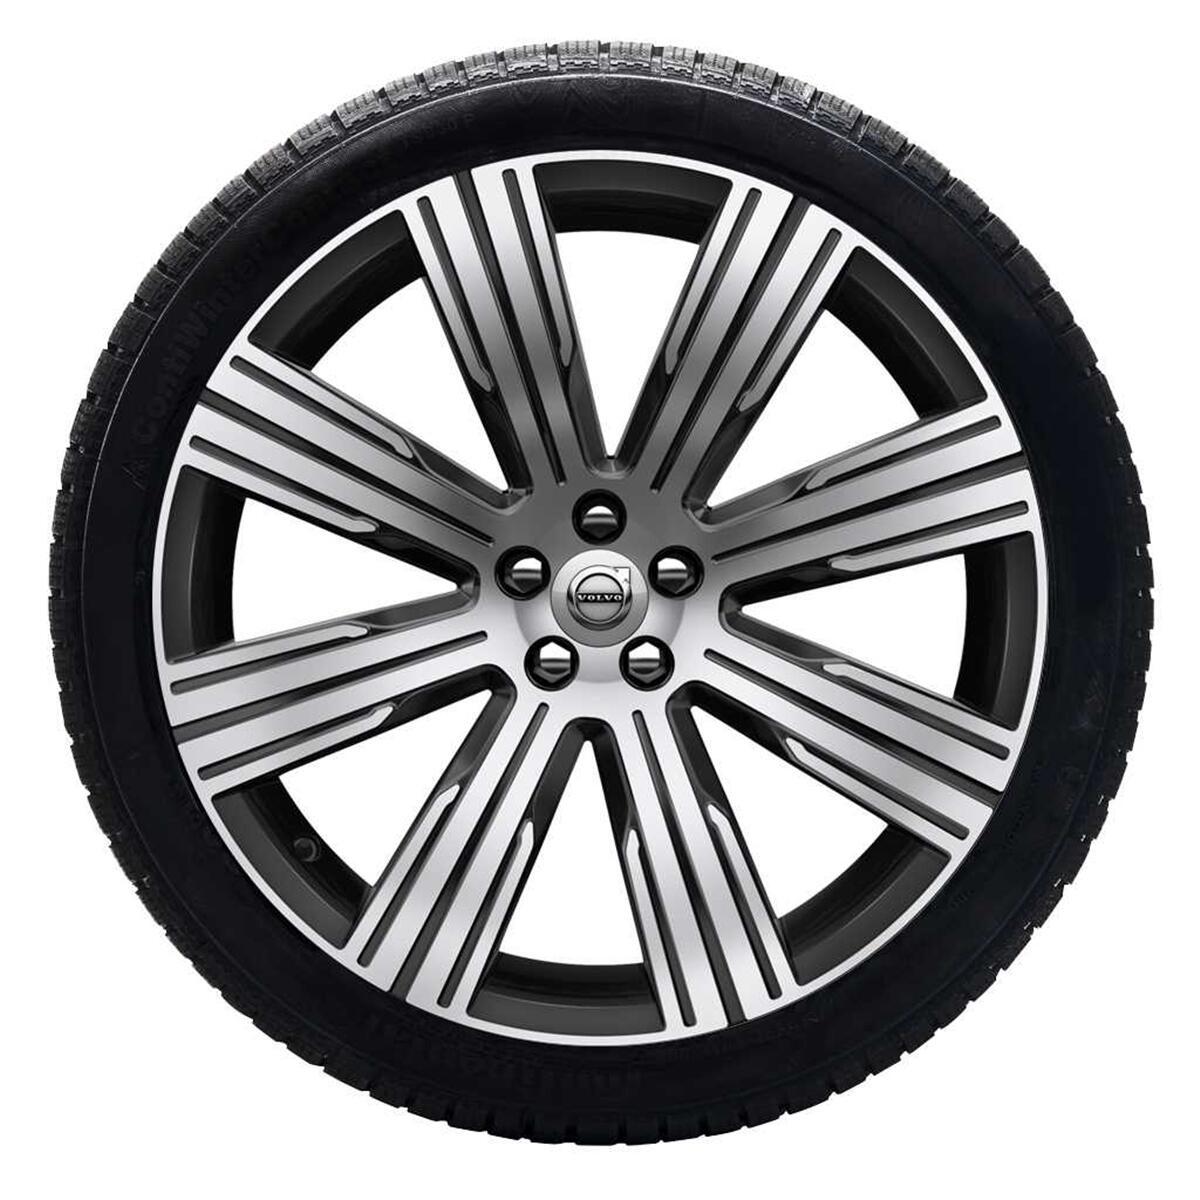 """Komplet zimskih kotača: 20"""". gume Continental"""